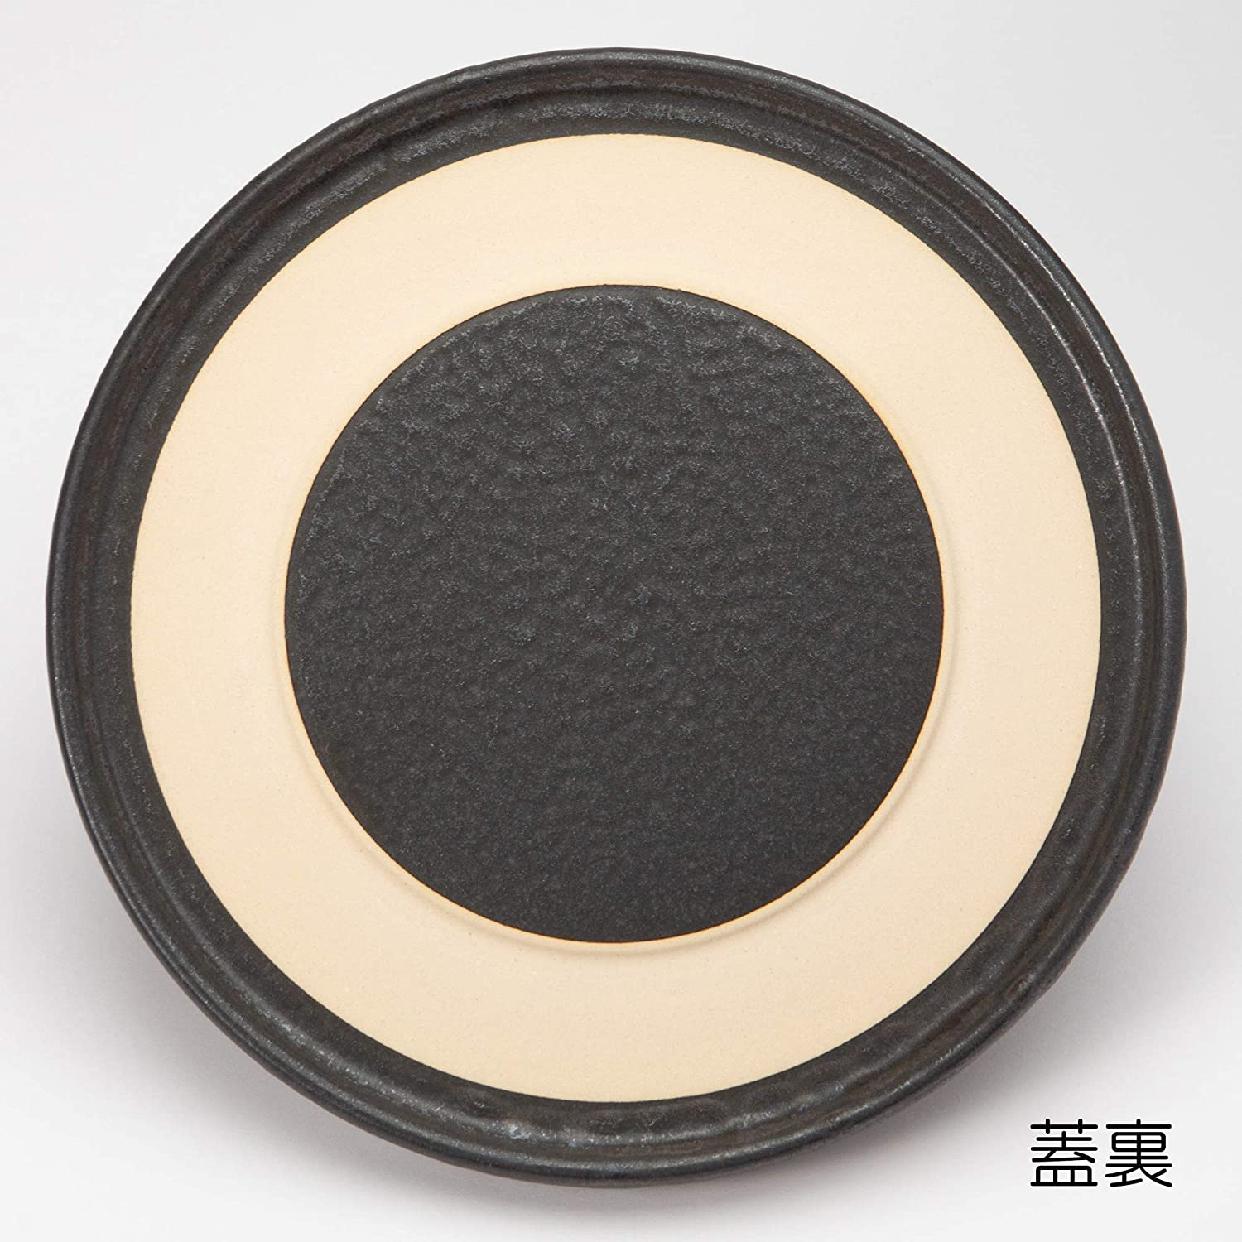 男厨 無水土鍋 ブラック NAZ-01の商品画像6